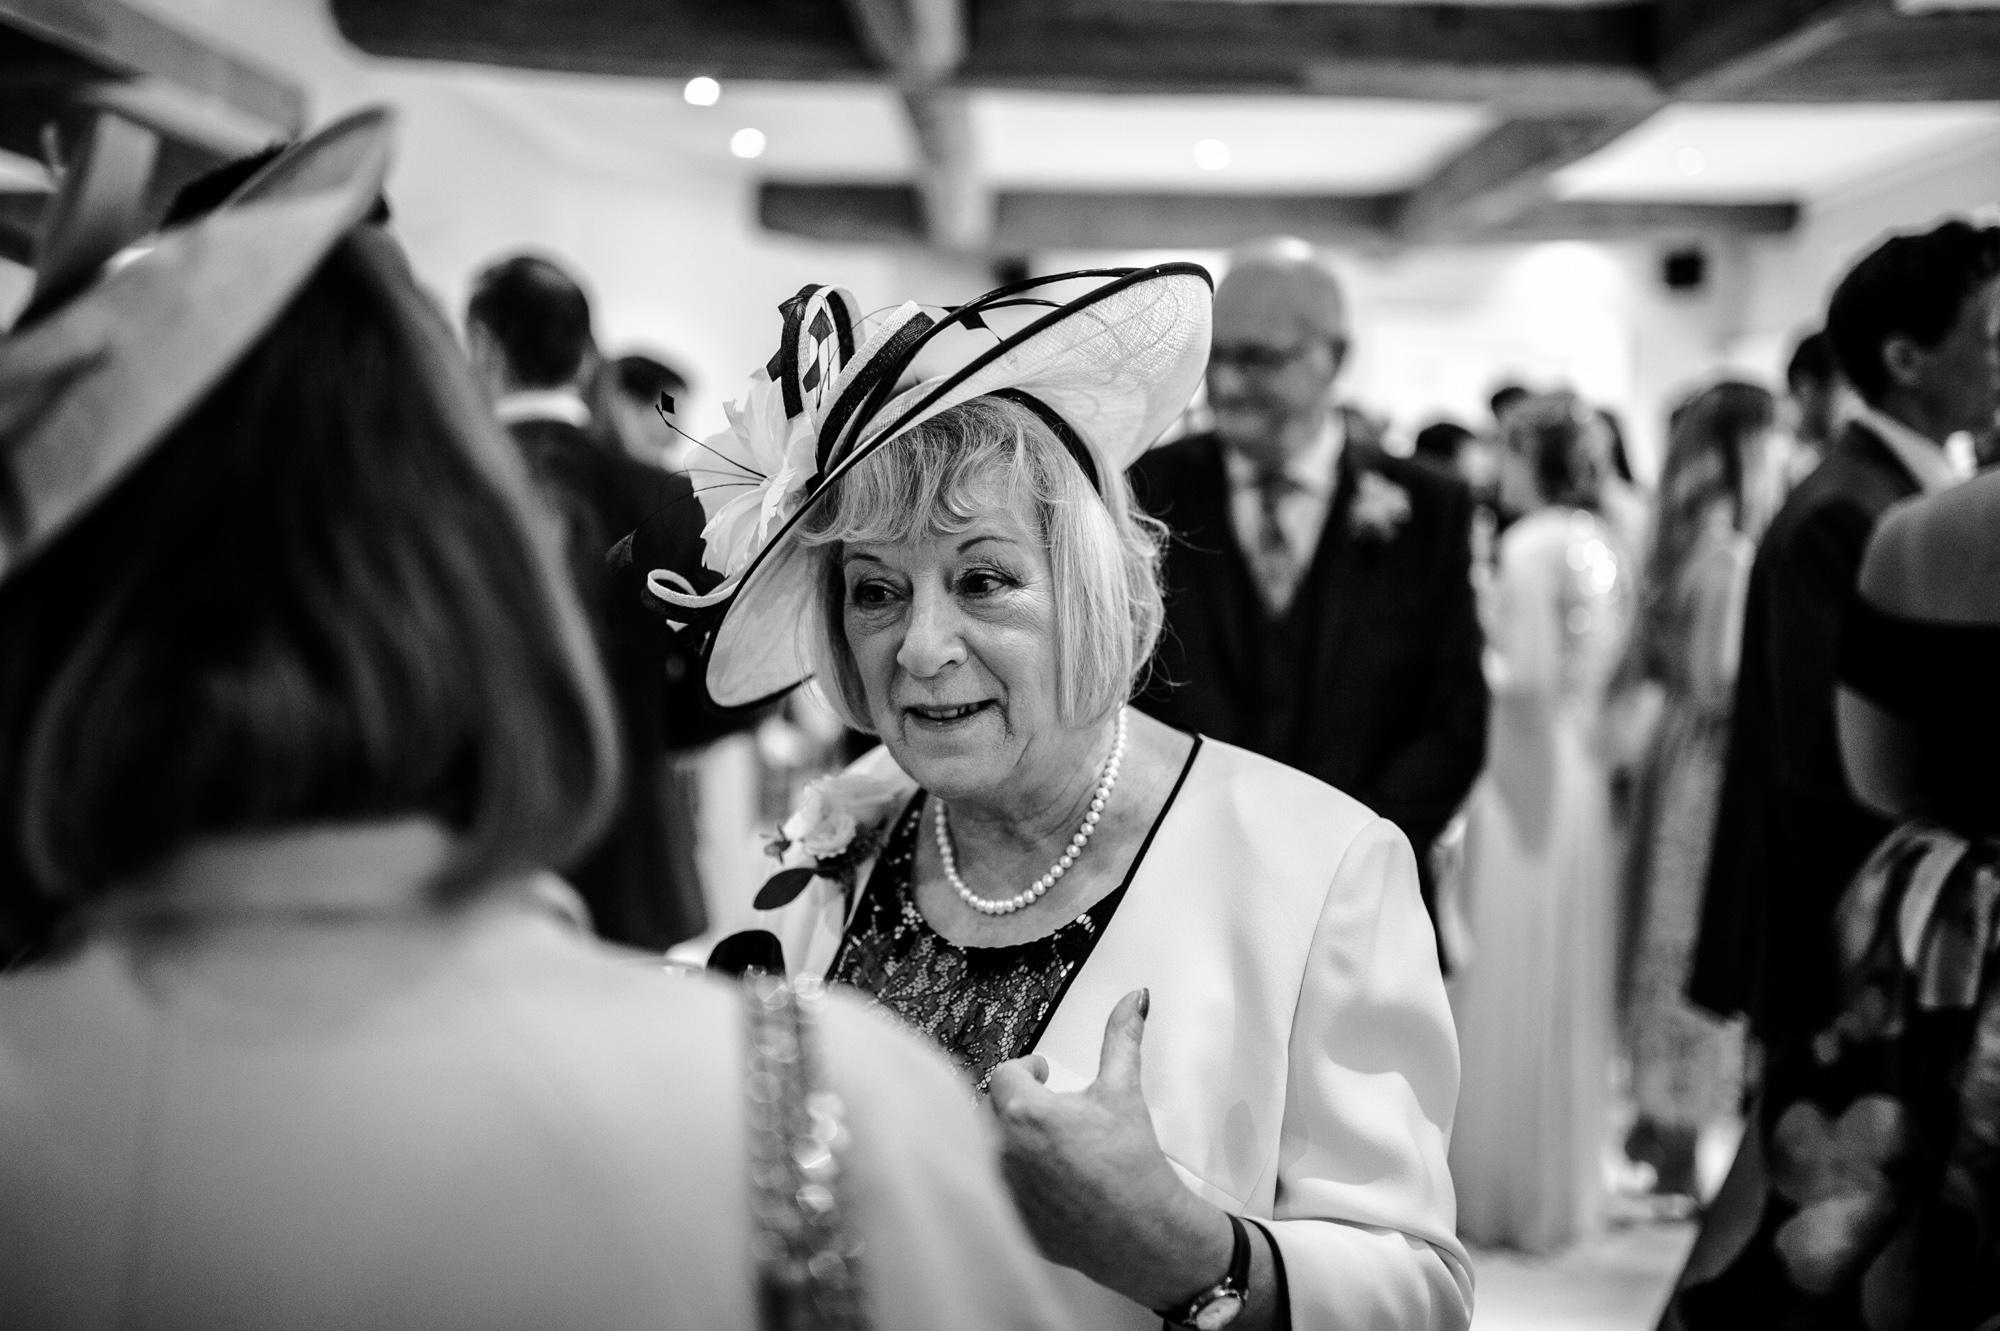 Notley Barn Wedding 26.10.18 15.jpg